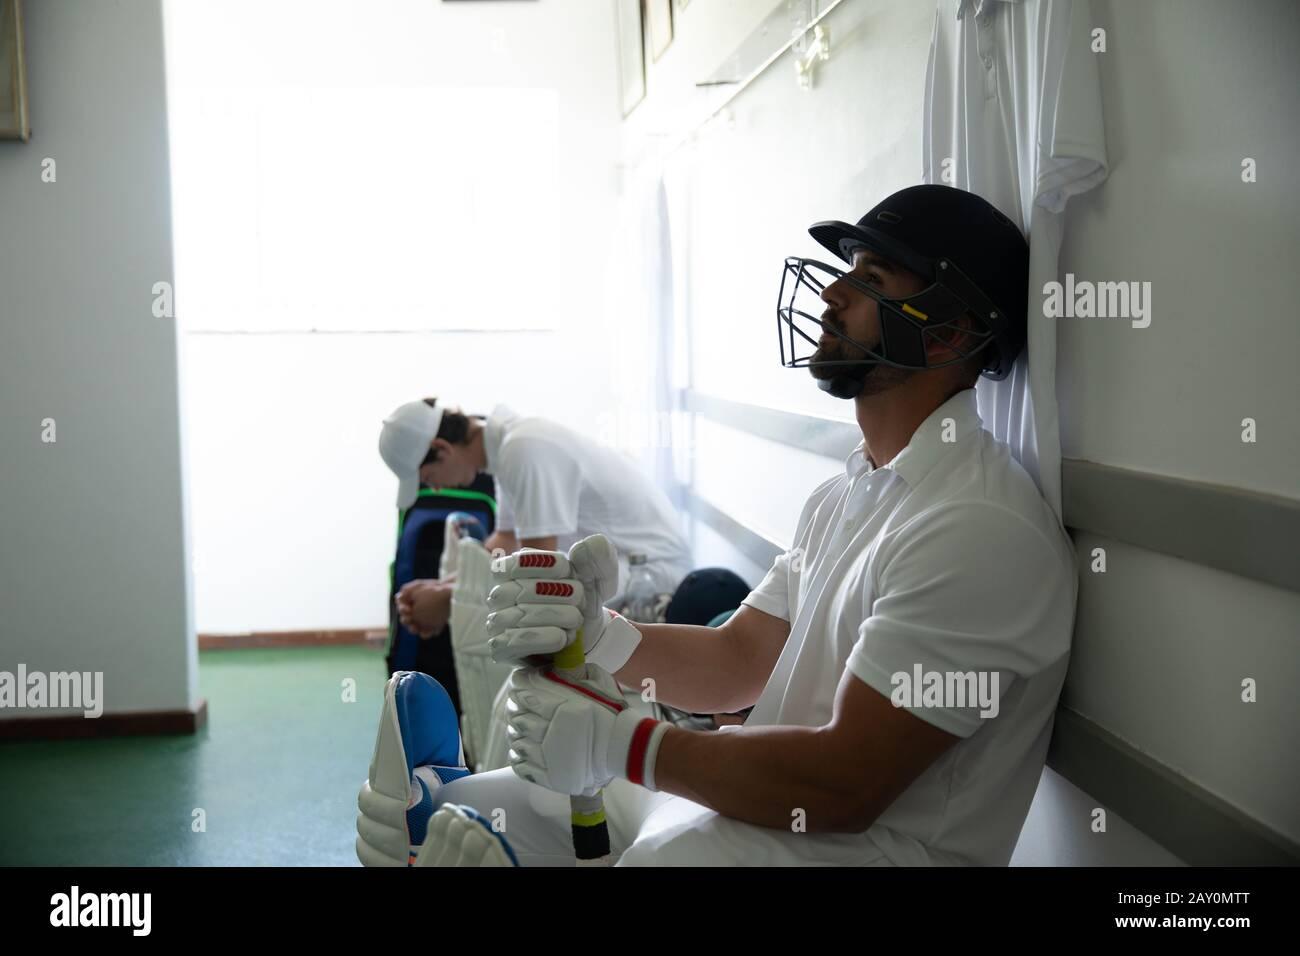 Cricket-Spieler, der vor dem Spielen wartet Stockfoto